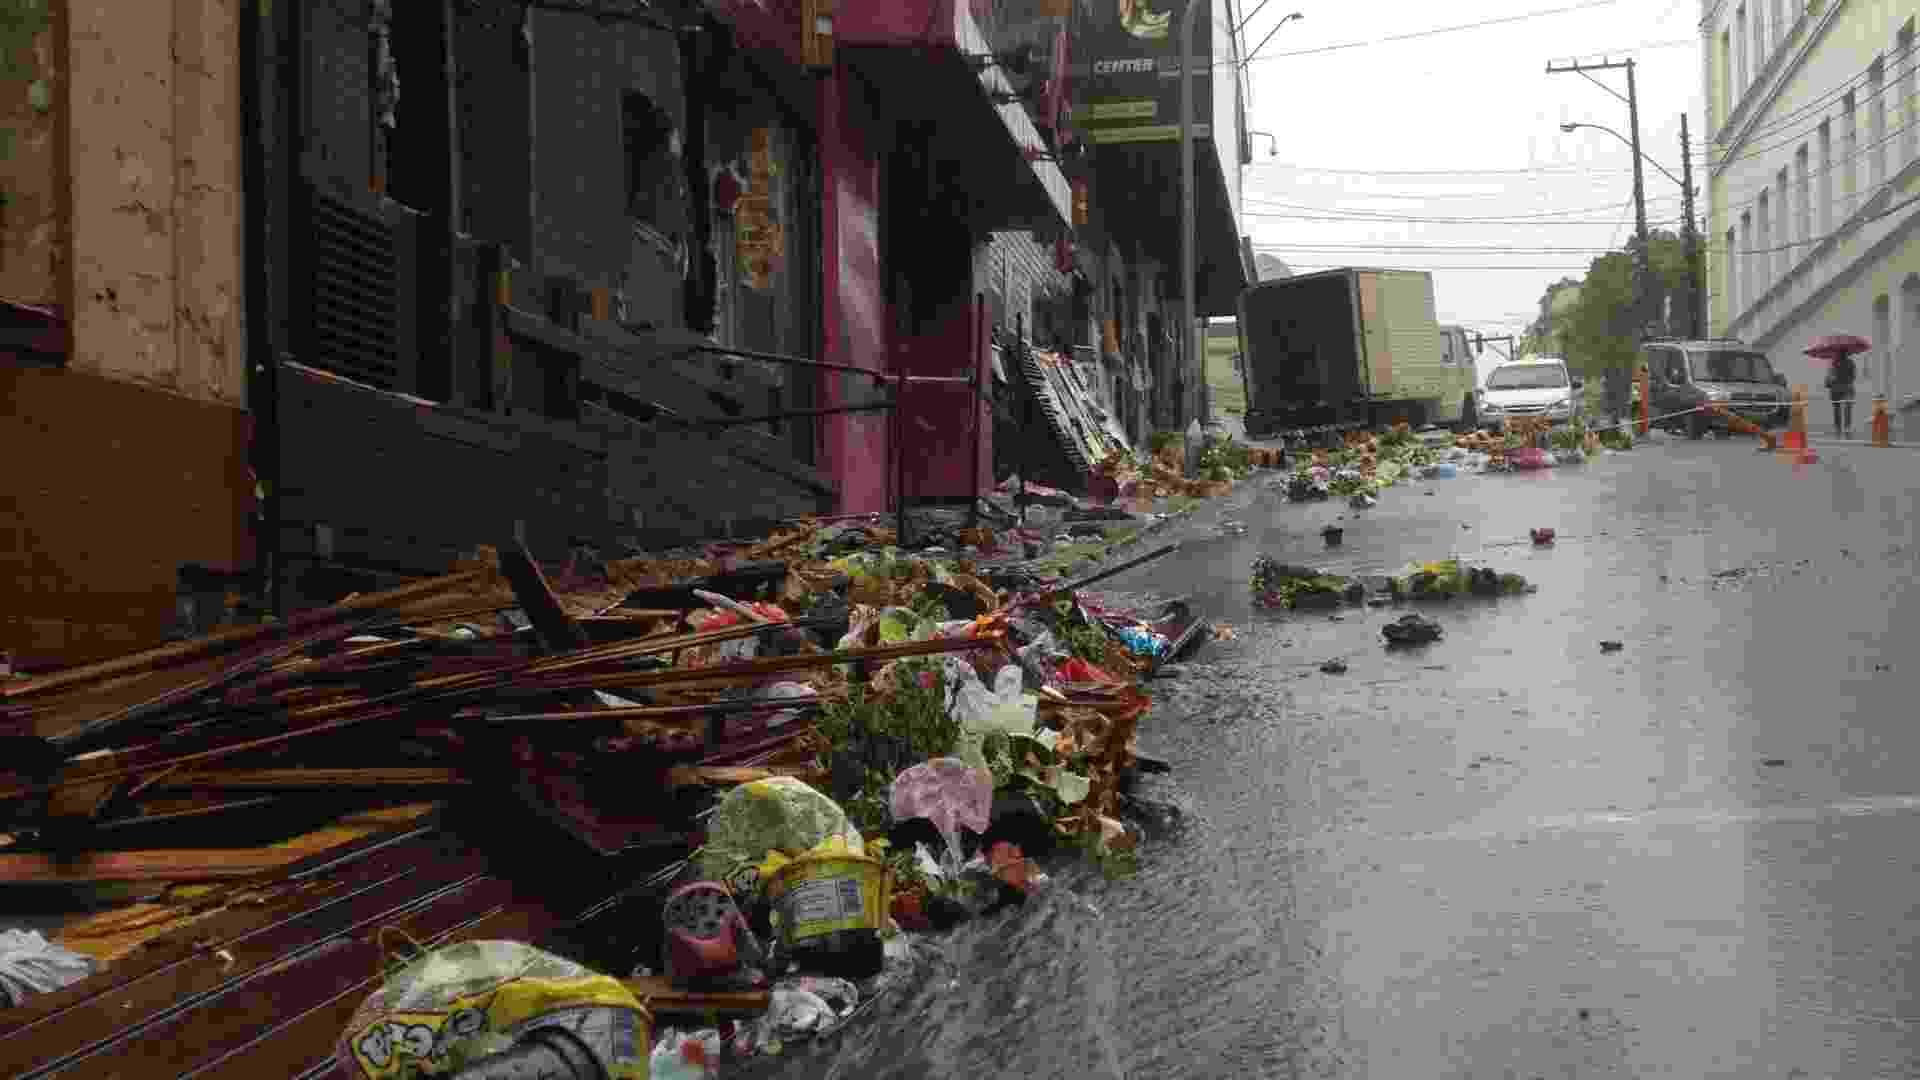 2.fev.2013 - Chuva forte que  atingiu  Santa Maria (RS) estragou cartazes e derrubou vazos de flores depositados  em frente à boate Kiss, em homenagem às vítimas da tragédia que matou mais de 230 pessoas - Lucas Azevedo/UOL